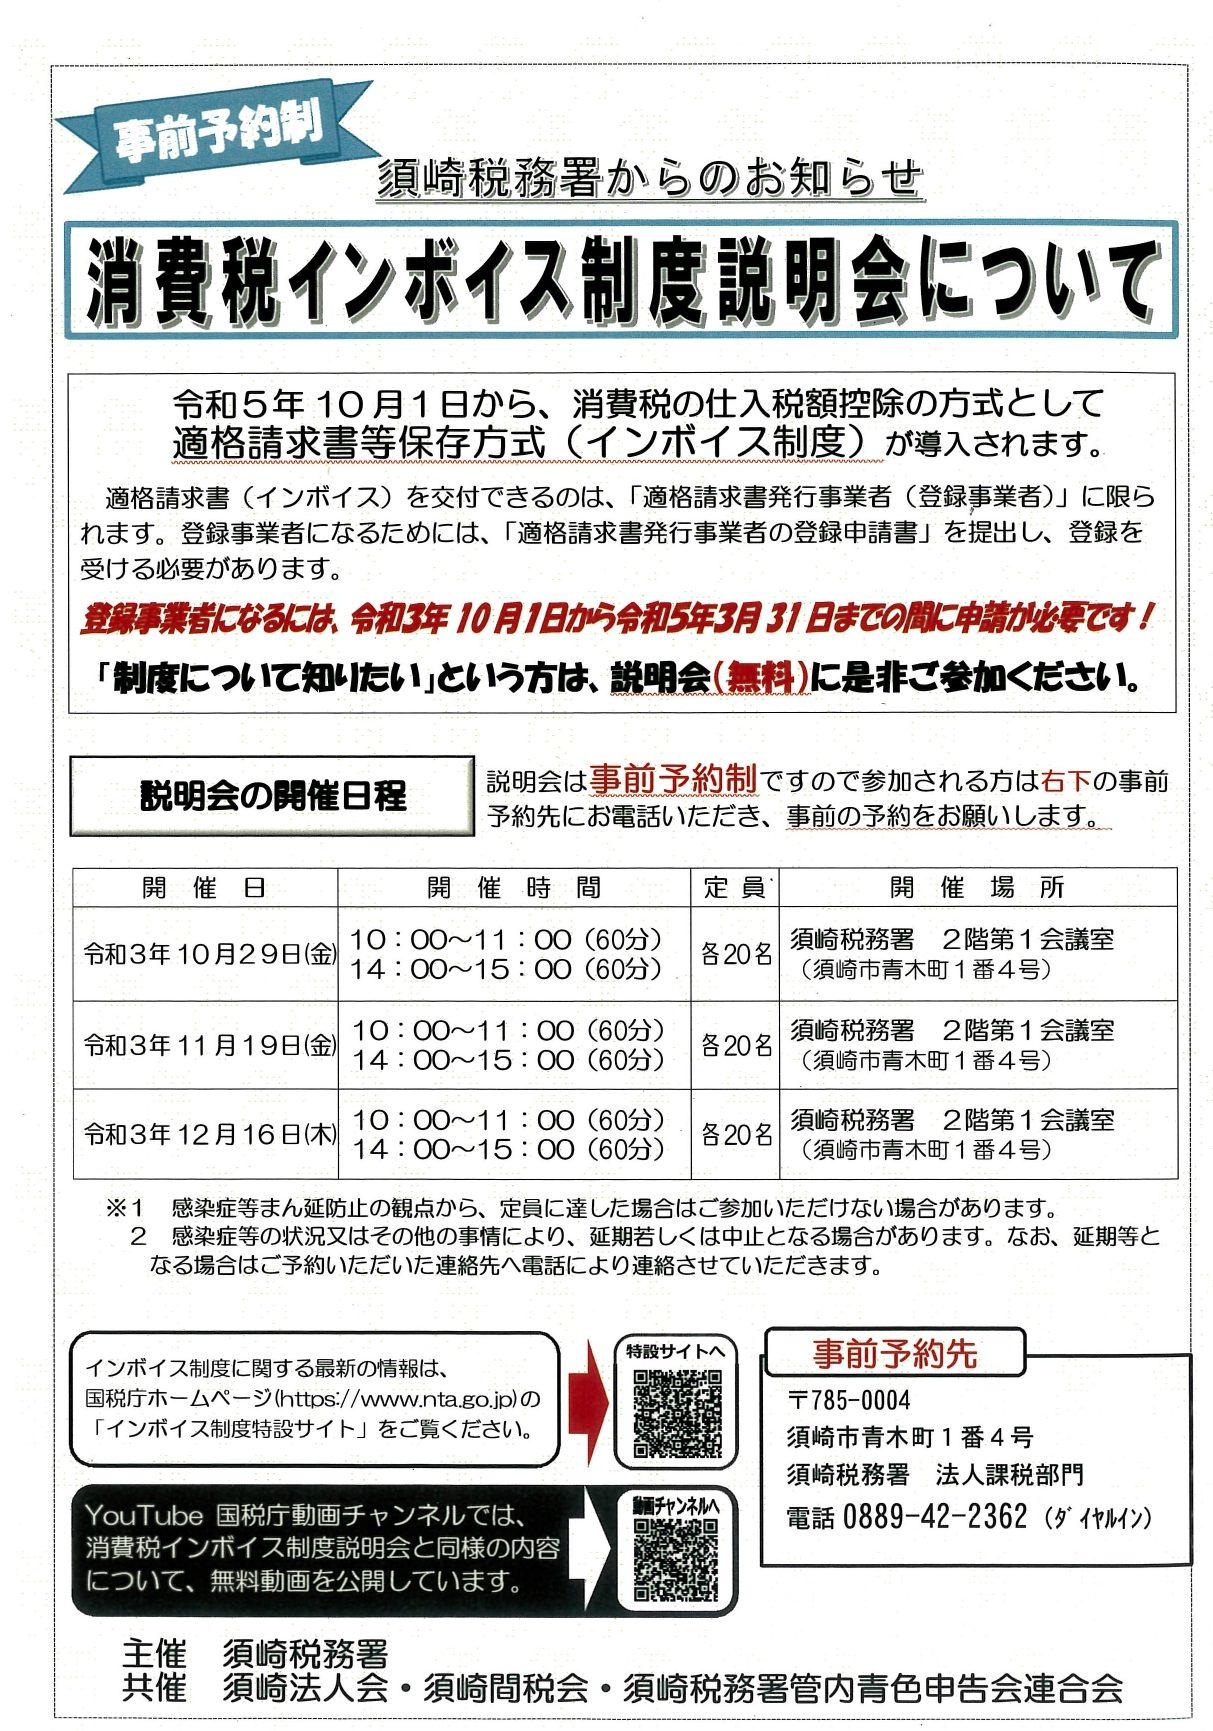 須崎税務署消費税インボイス制度